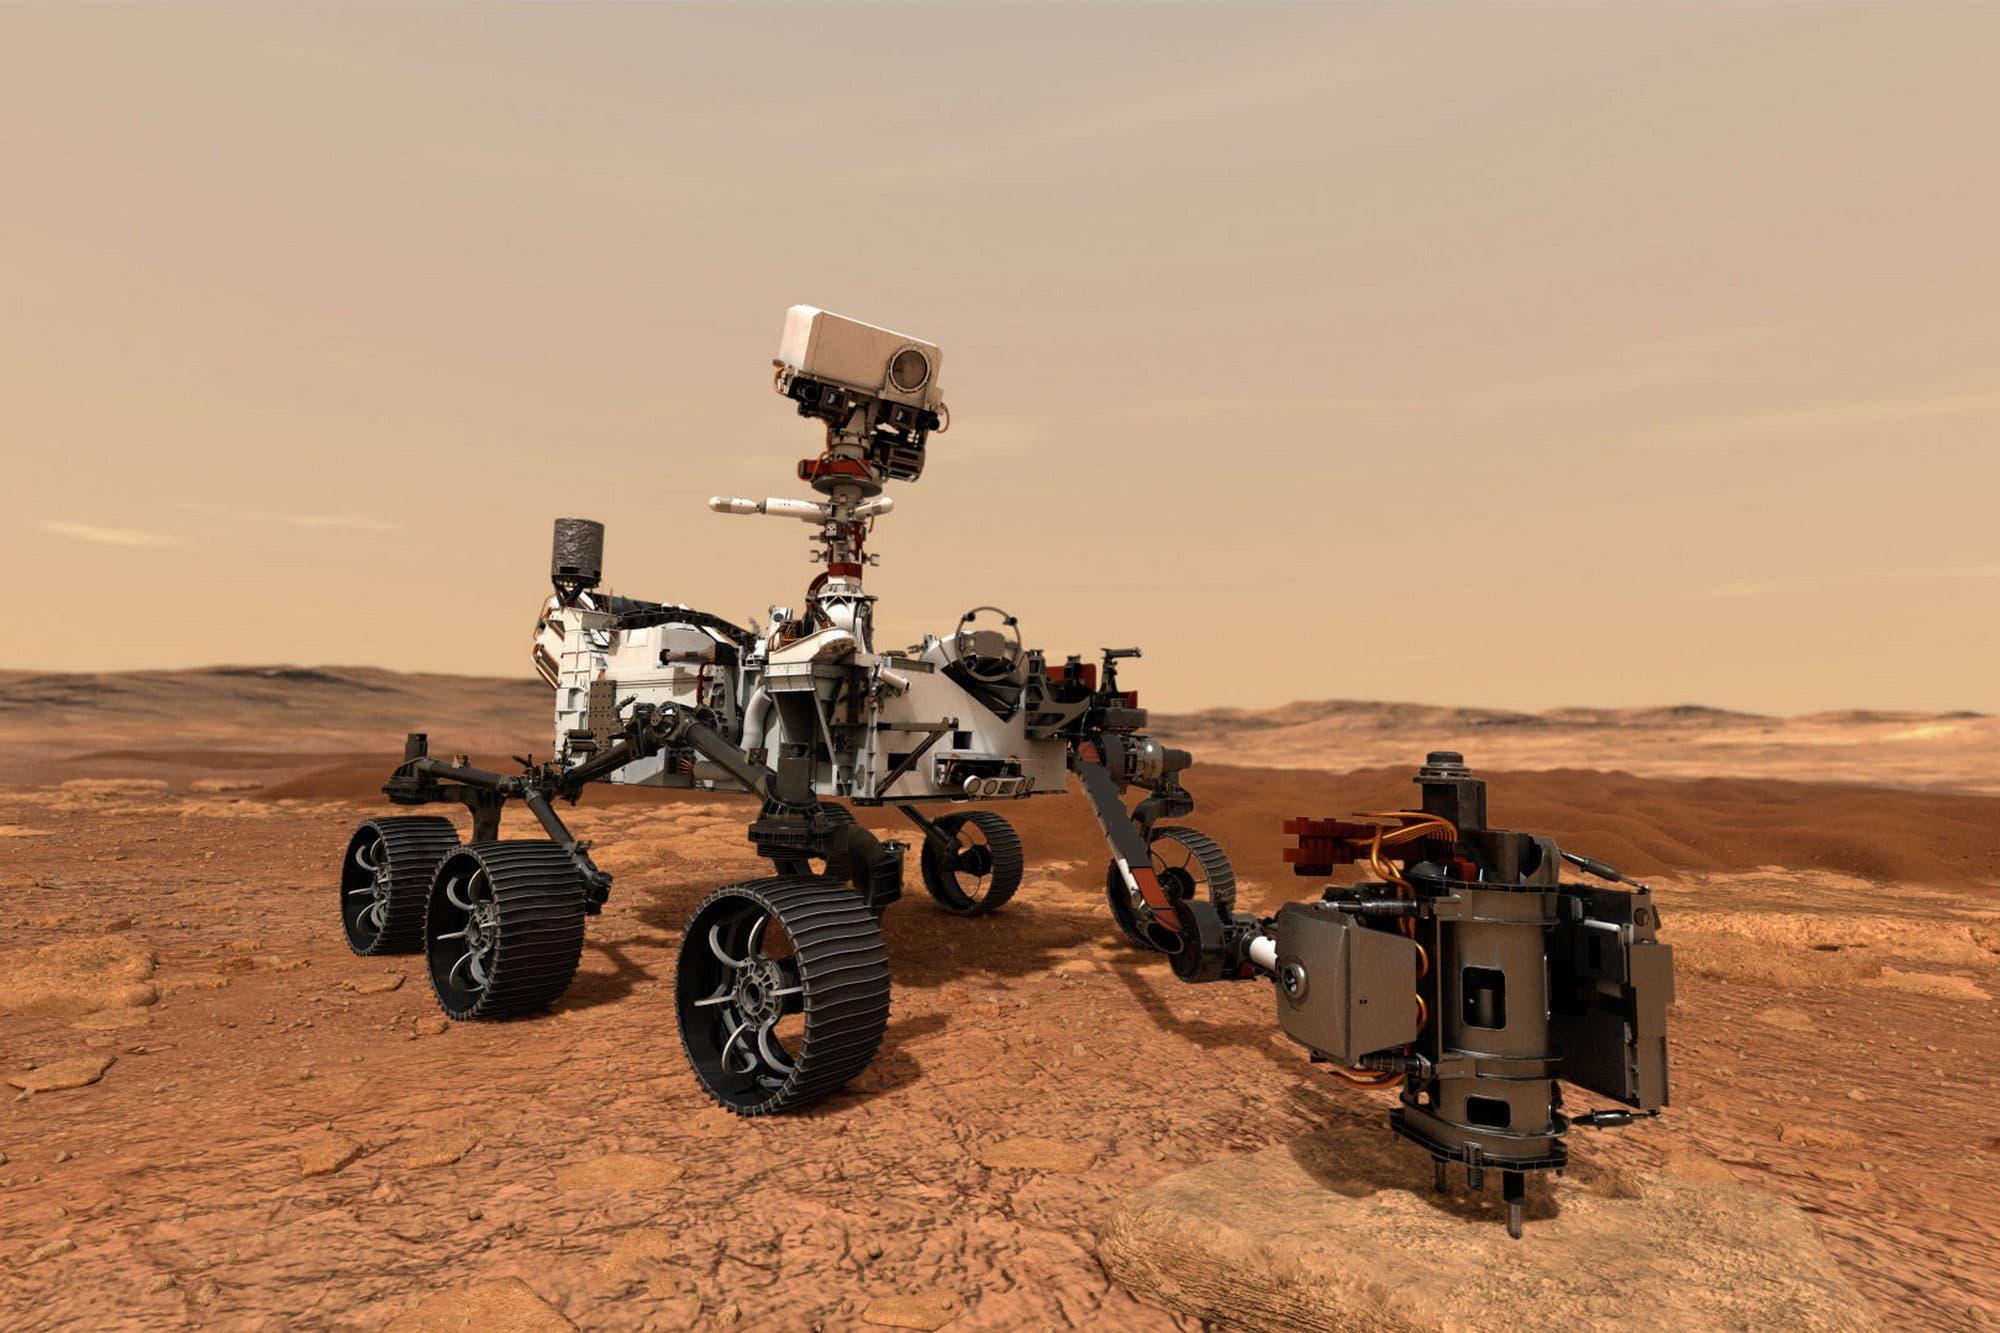 Sonido marciano: los micrófonos del rover Perseverance registrarán el primer video con audio de Marte